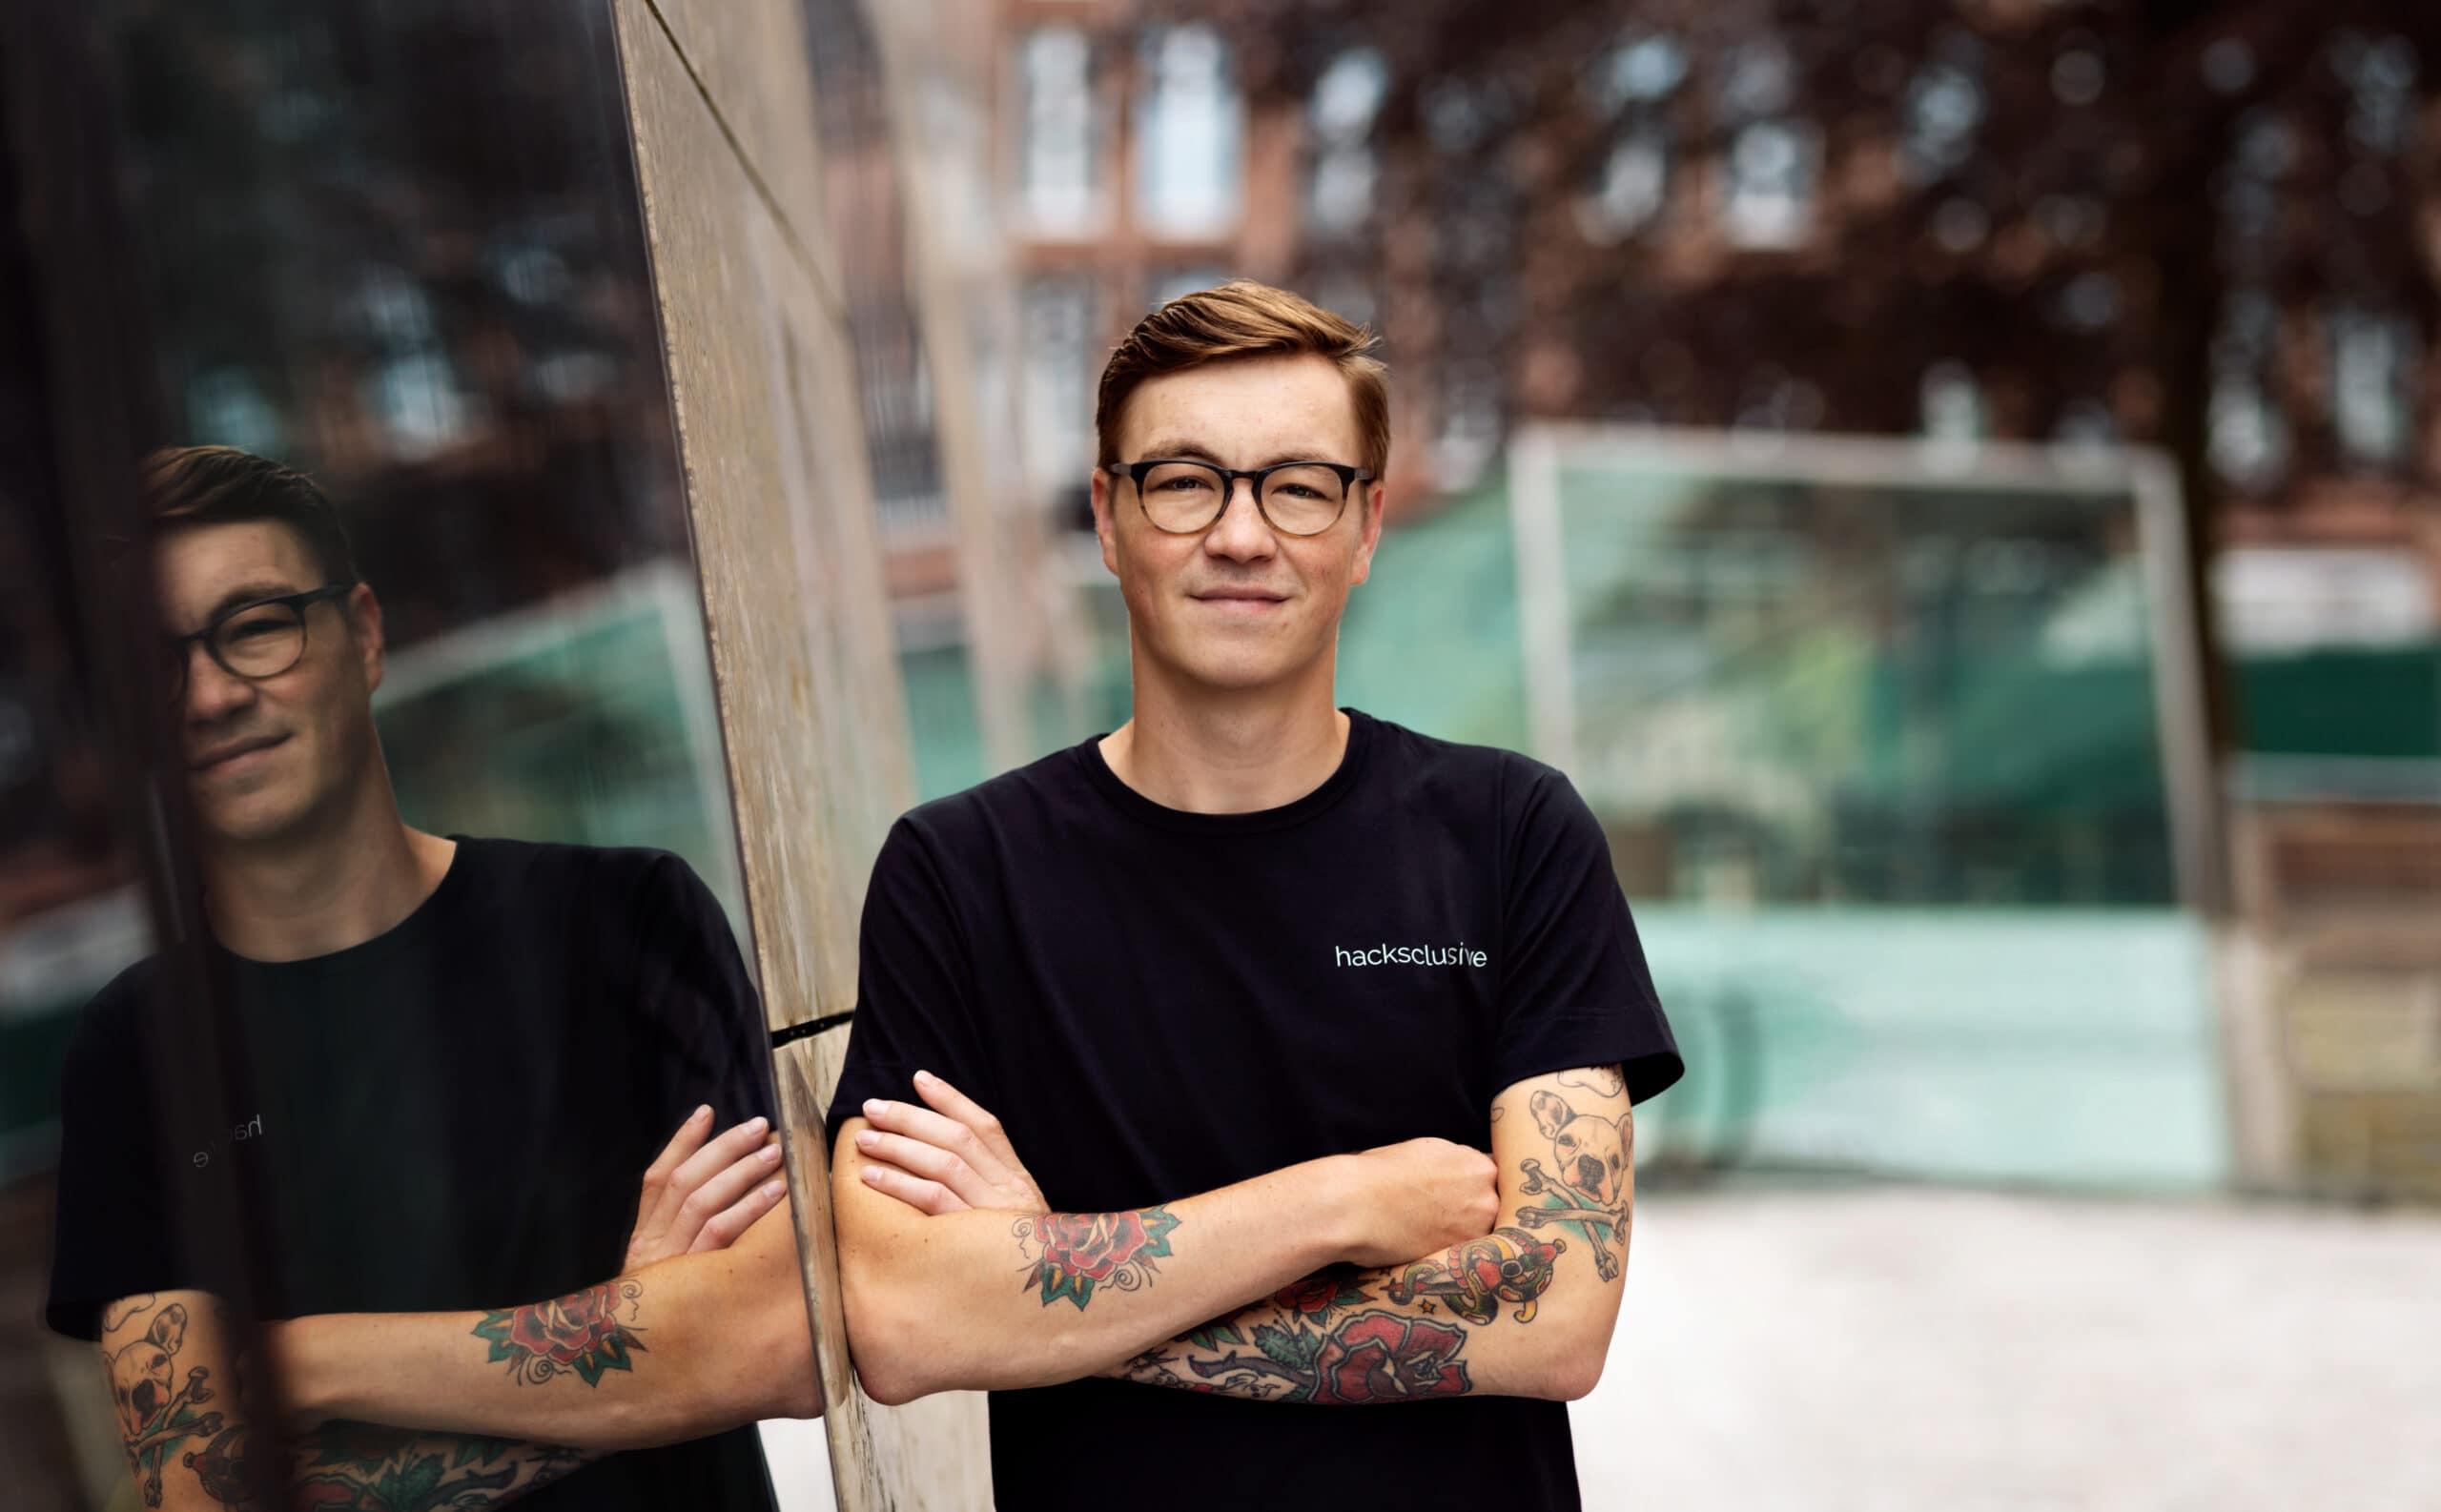 portretfoto met armen overelkaar voor het groninger forum voor hacksclusive